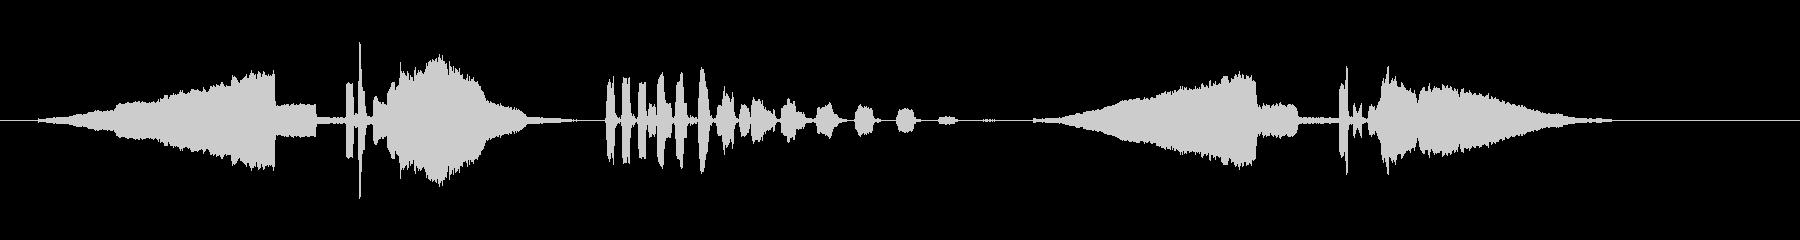 うぐいす笛1エコー梅に鶯春鳴き声初音ホーの未再生の波形